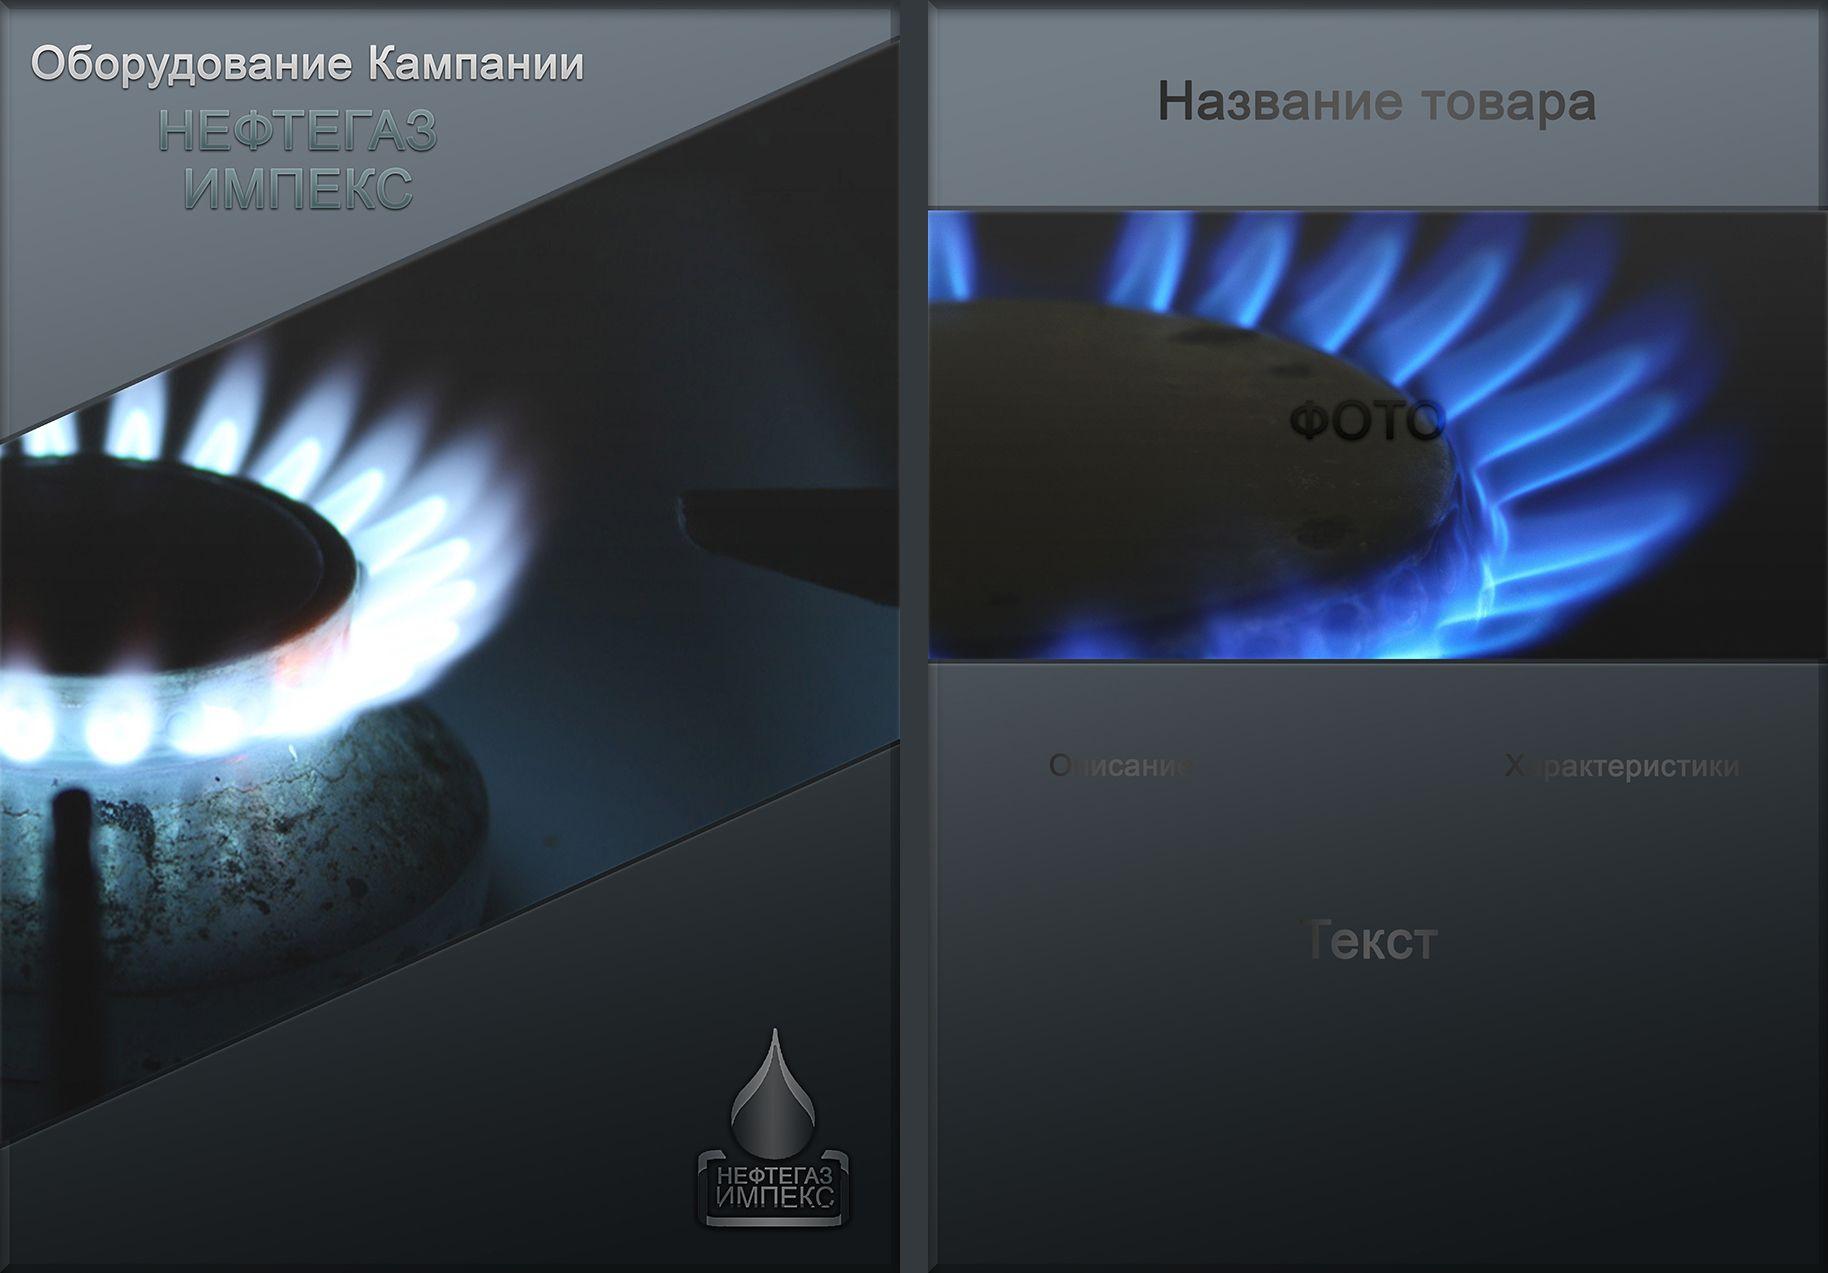 Рекламный буклет оборудования - дизайнер Demensky